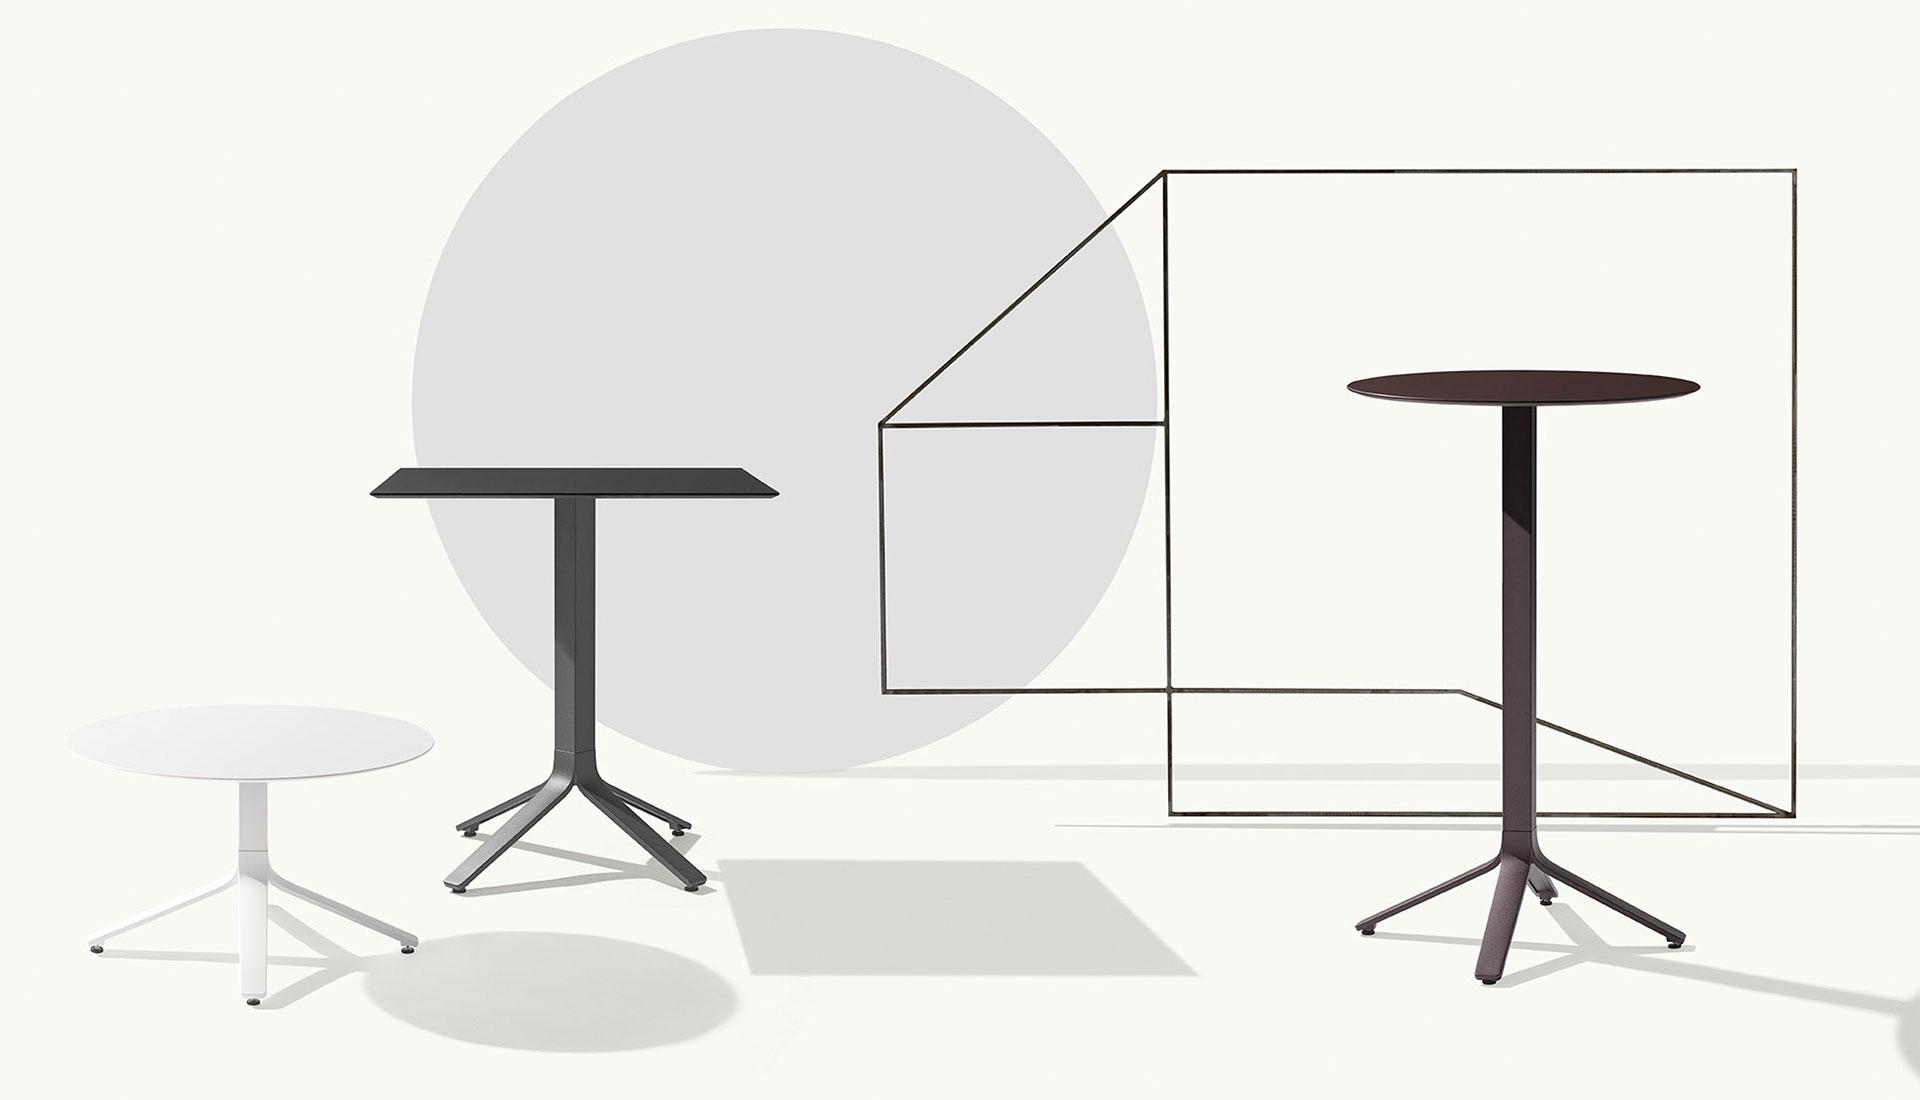 Тренды 2020/2021: универсальные столы Марка Садлера